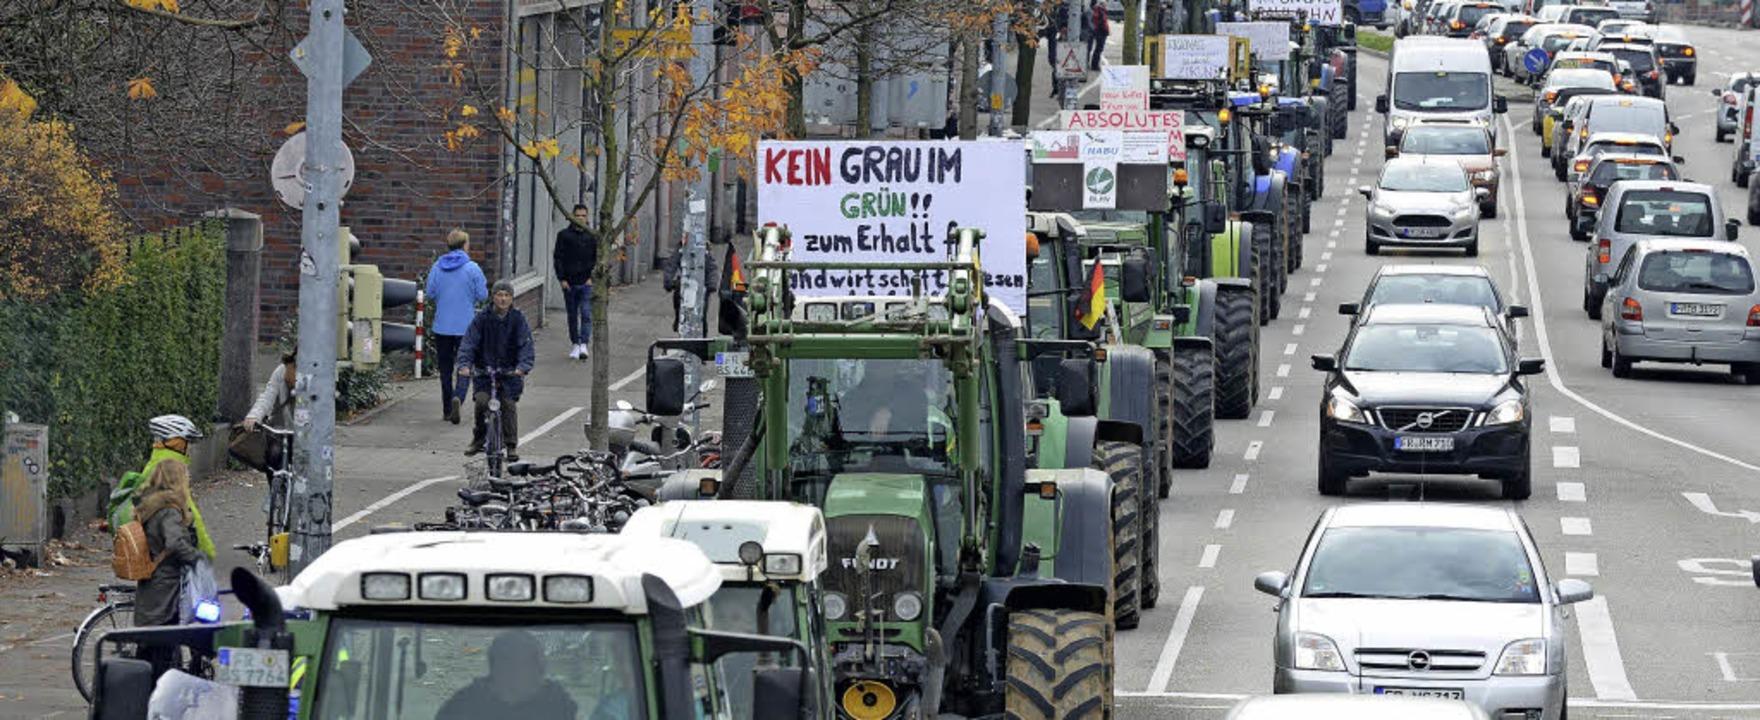 Mit Traktoren durch die Stadt: Demo gegen den geplanten Stadtteil Dietenbach   | Foto: Rita Eggstein